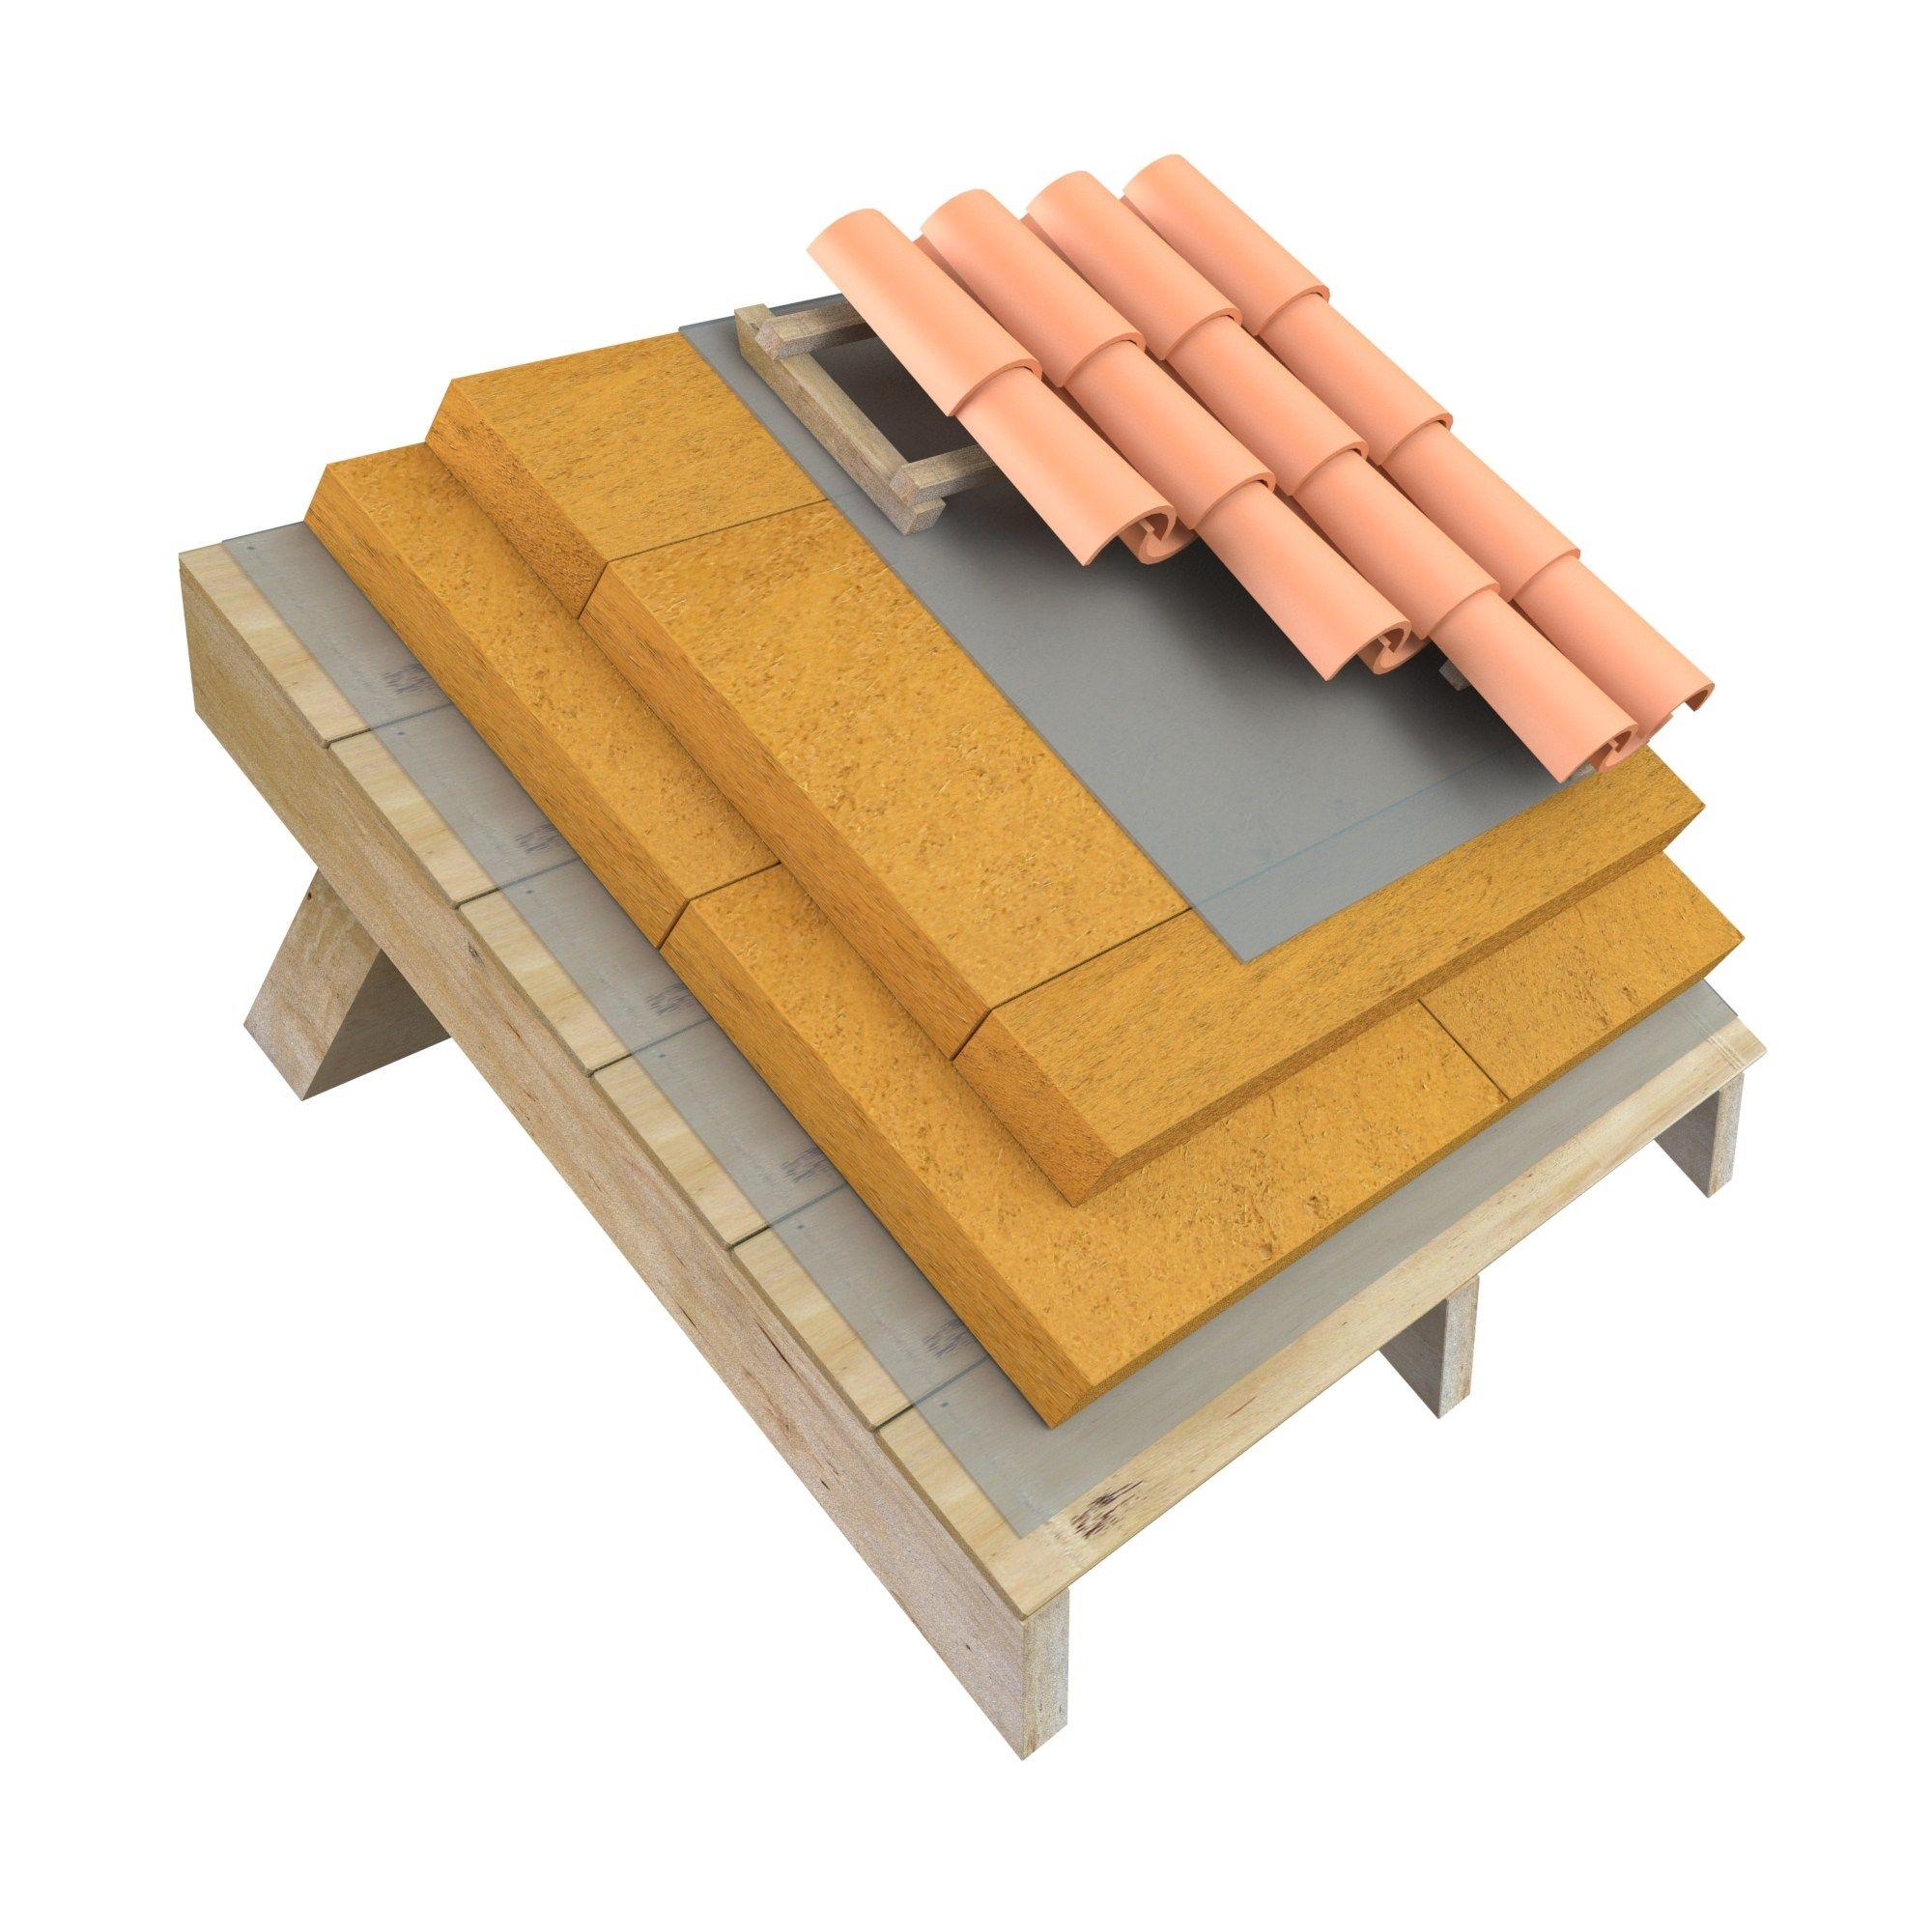 Panel aislante t rmico de fibra de madera sylvactis 110 sd colecci n sylvactis by actis - Madera aislante termico ...